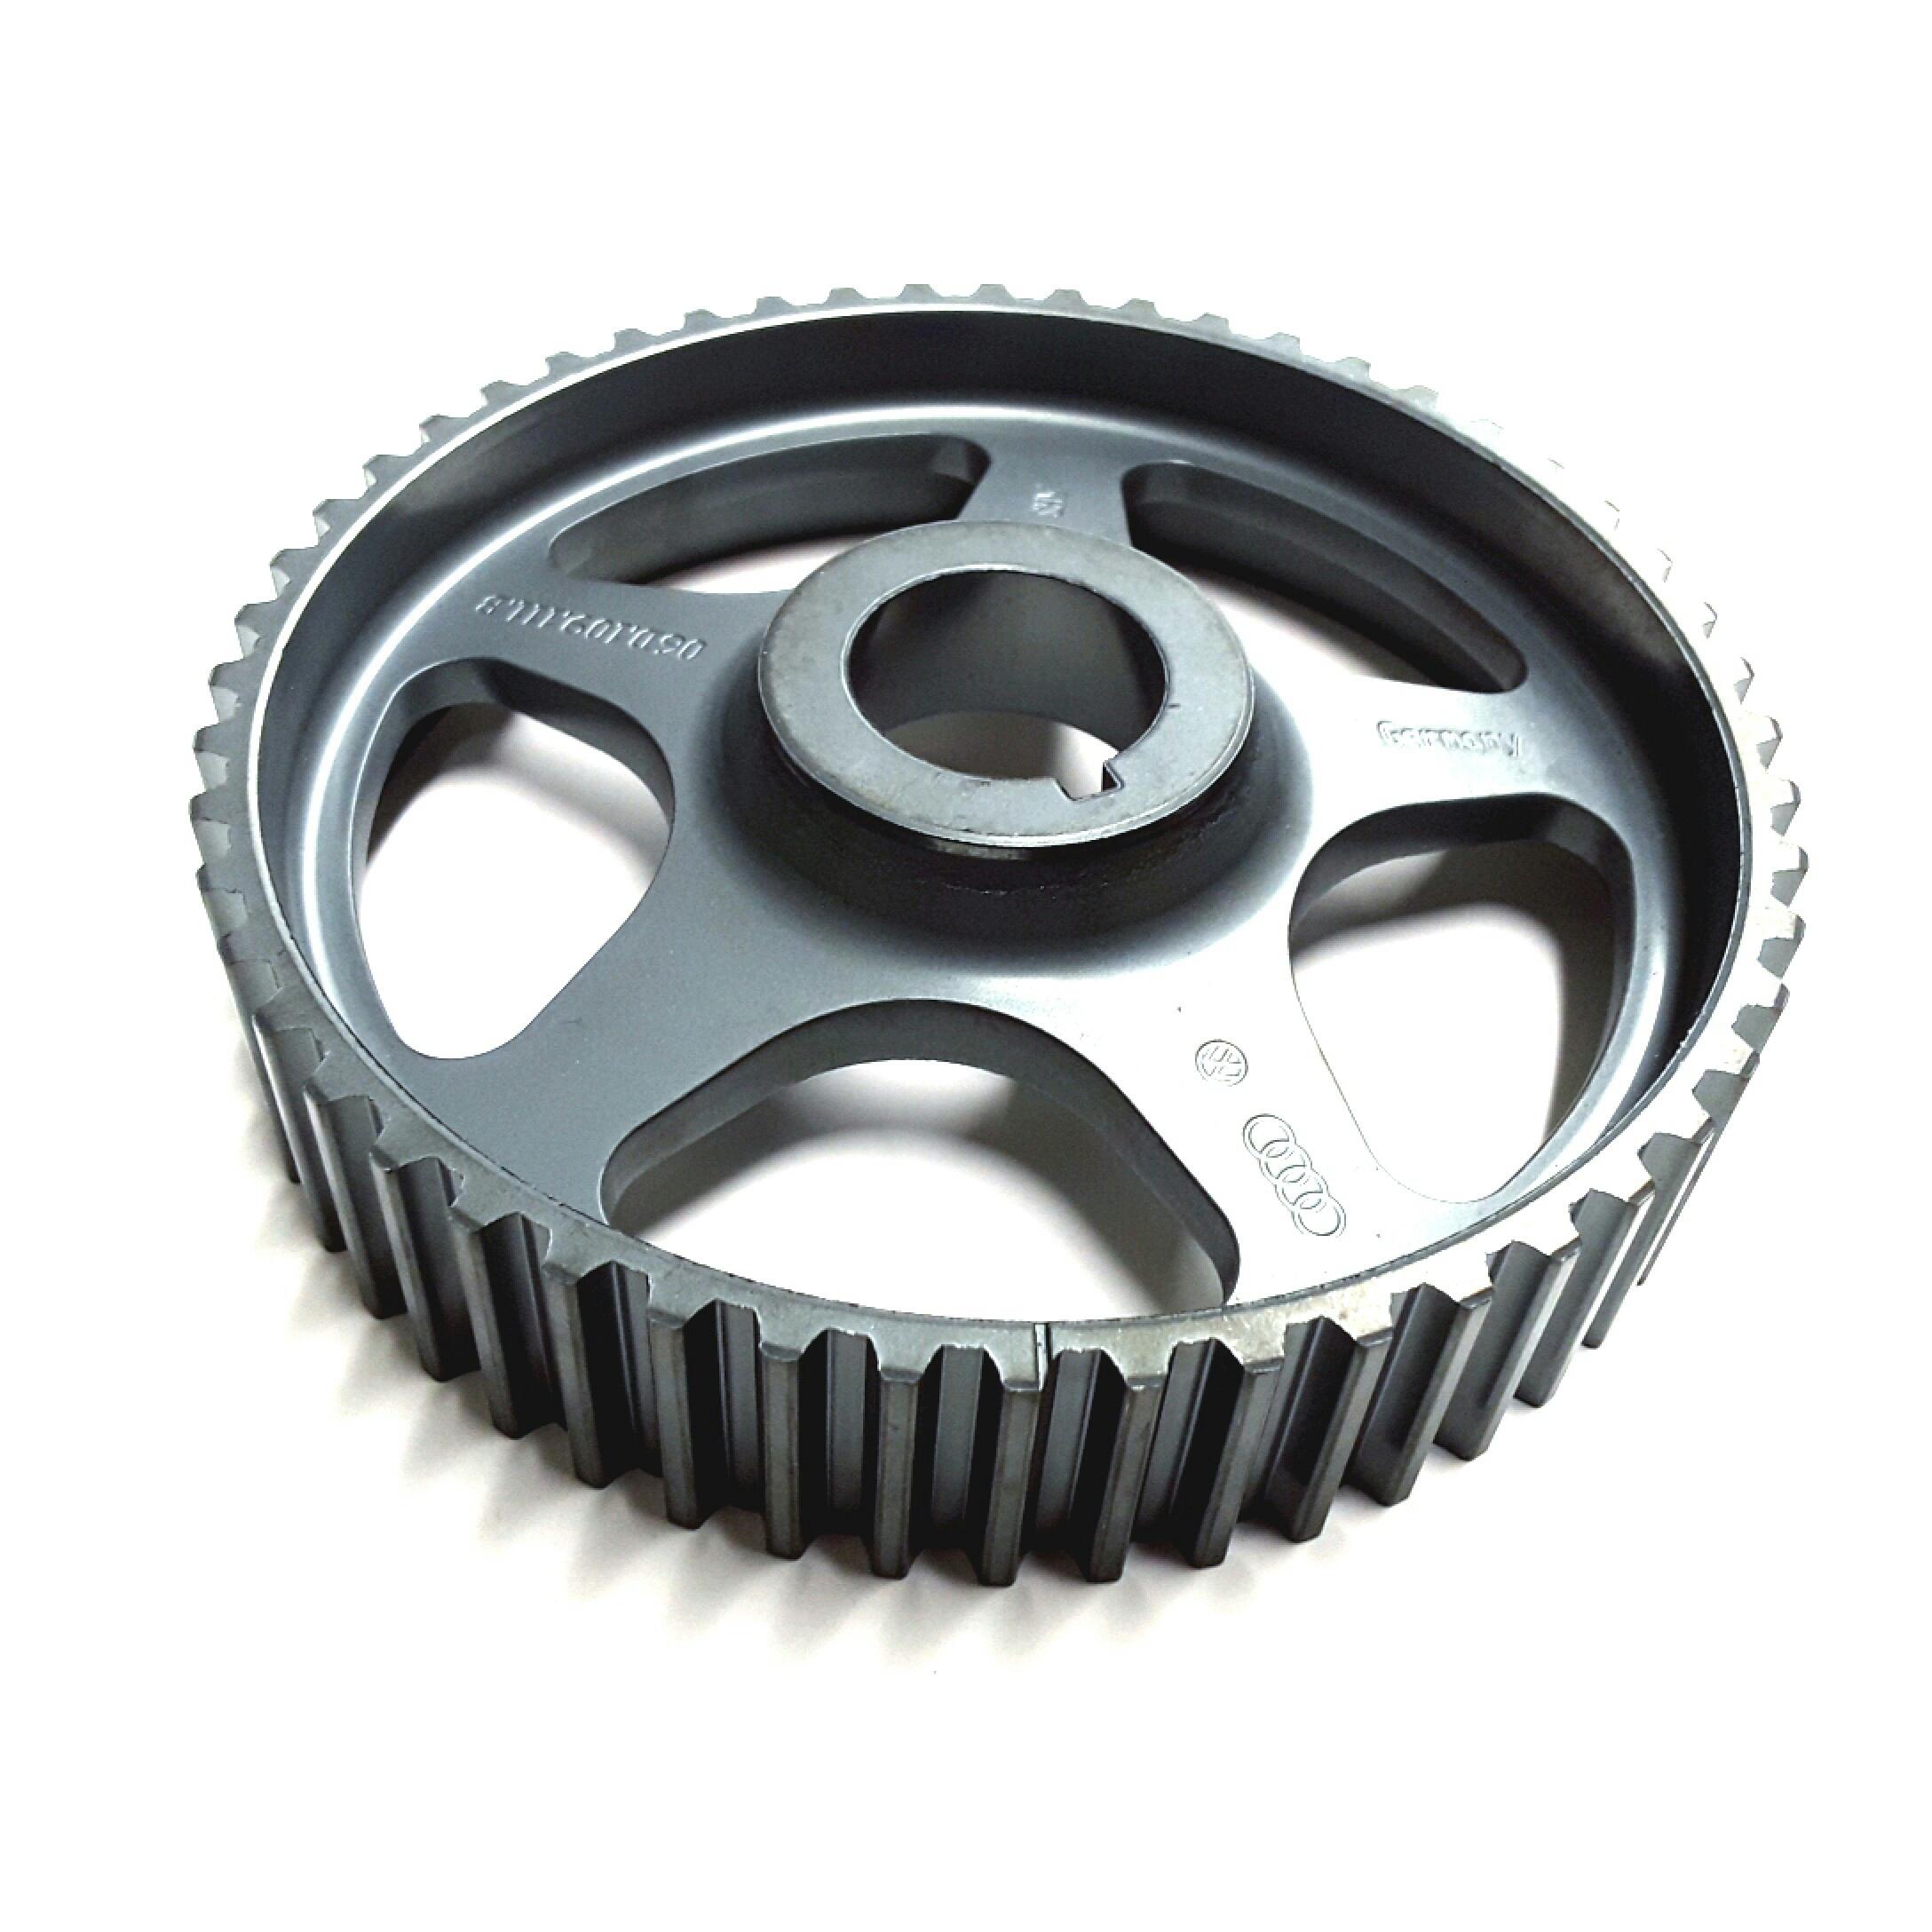 06d109111b - Engine Timing Camshaft Gear  Engine Timing Camshaft Sprocket  Pulley